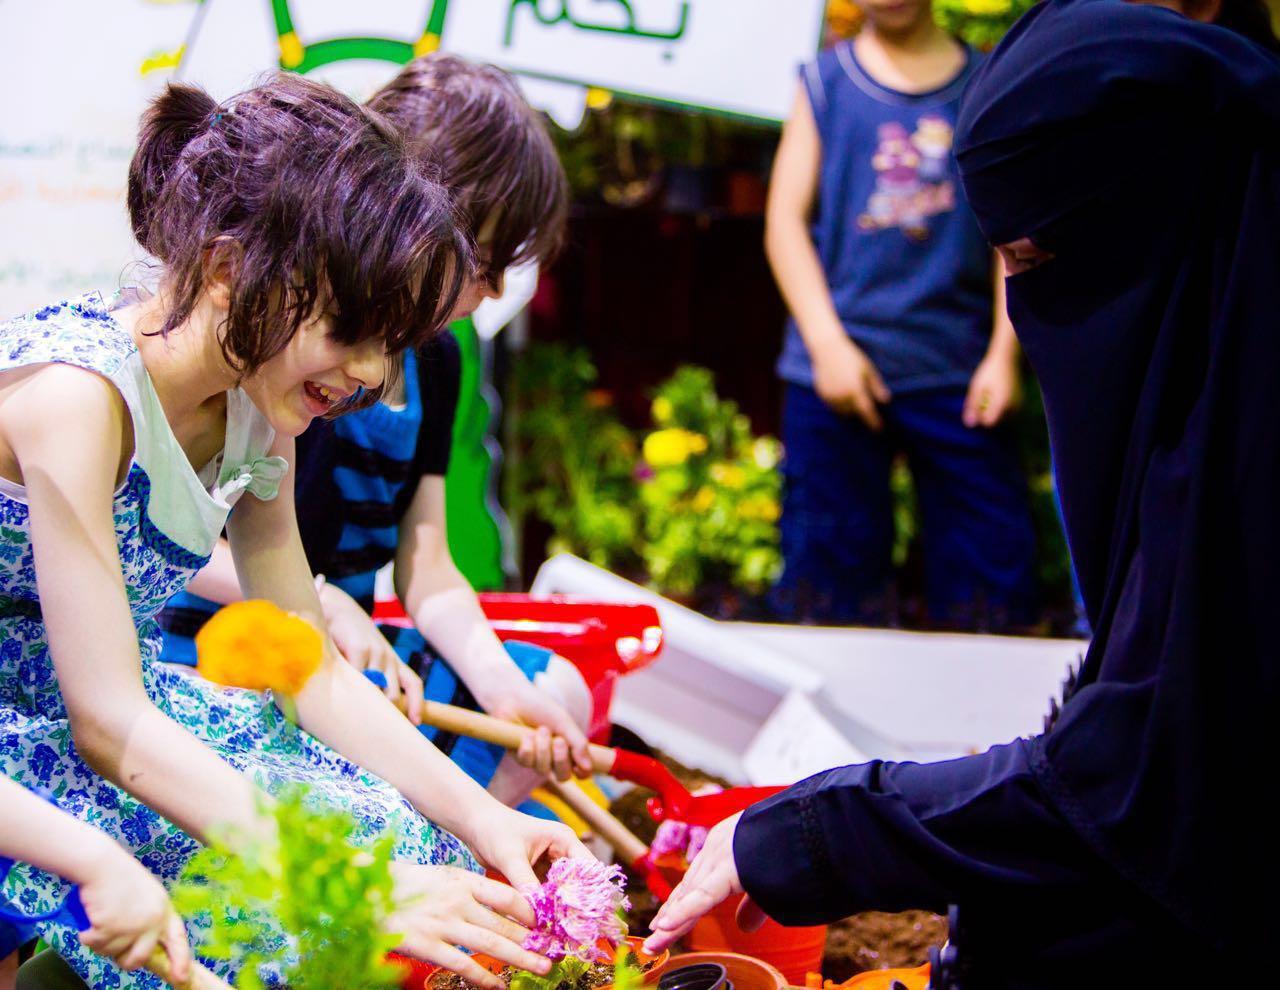 مهرجان الورود بتبوك (4)